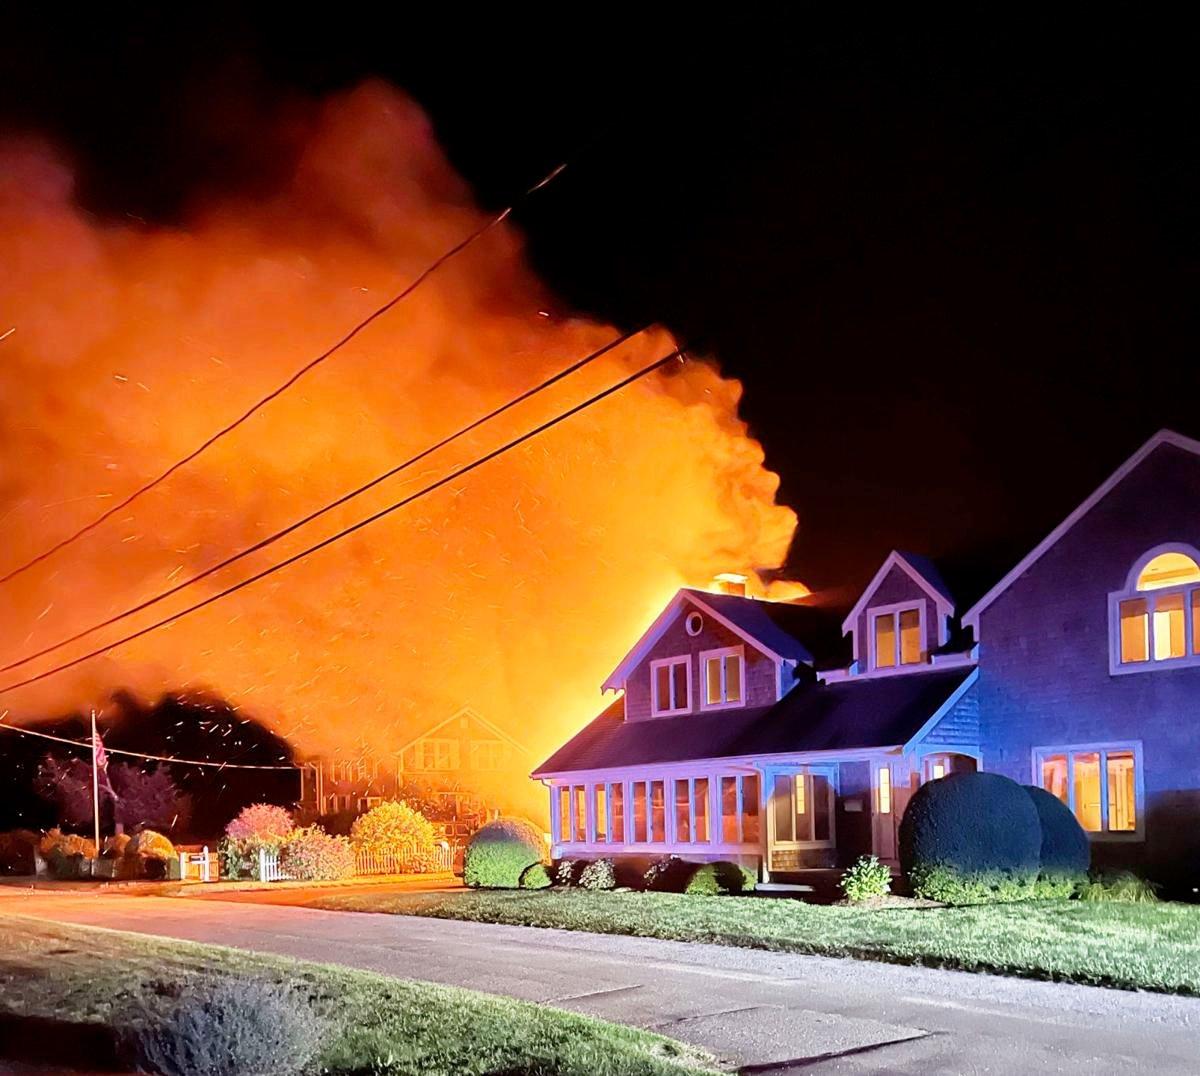 Massasoit House Fire, August 17, 2021